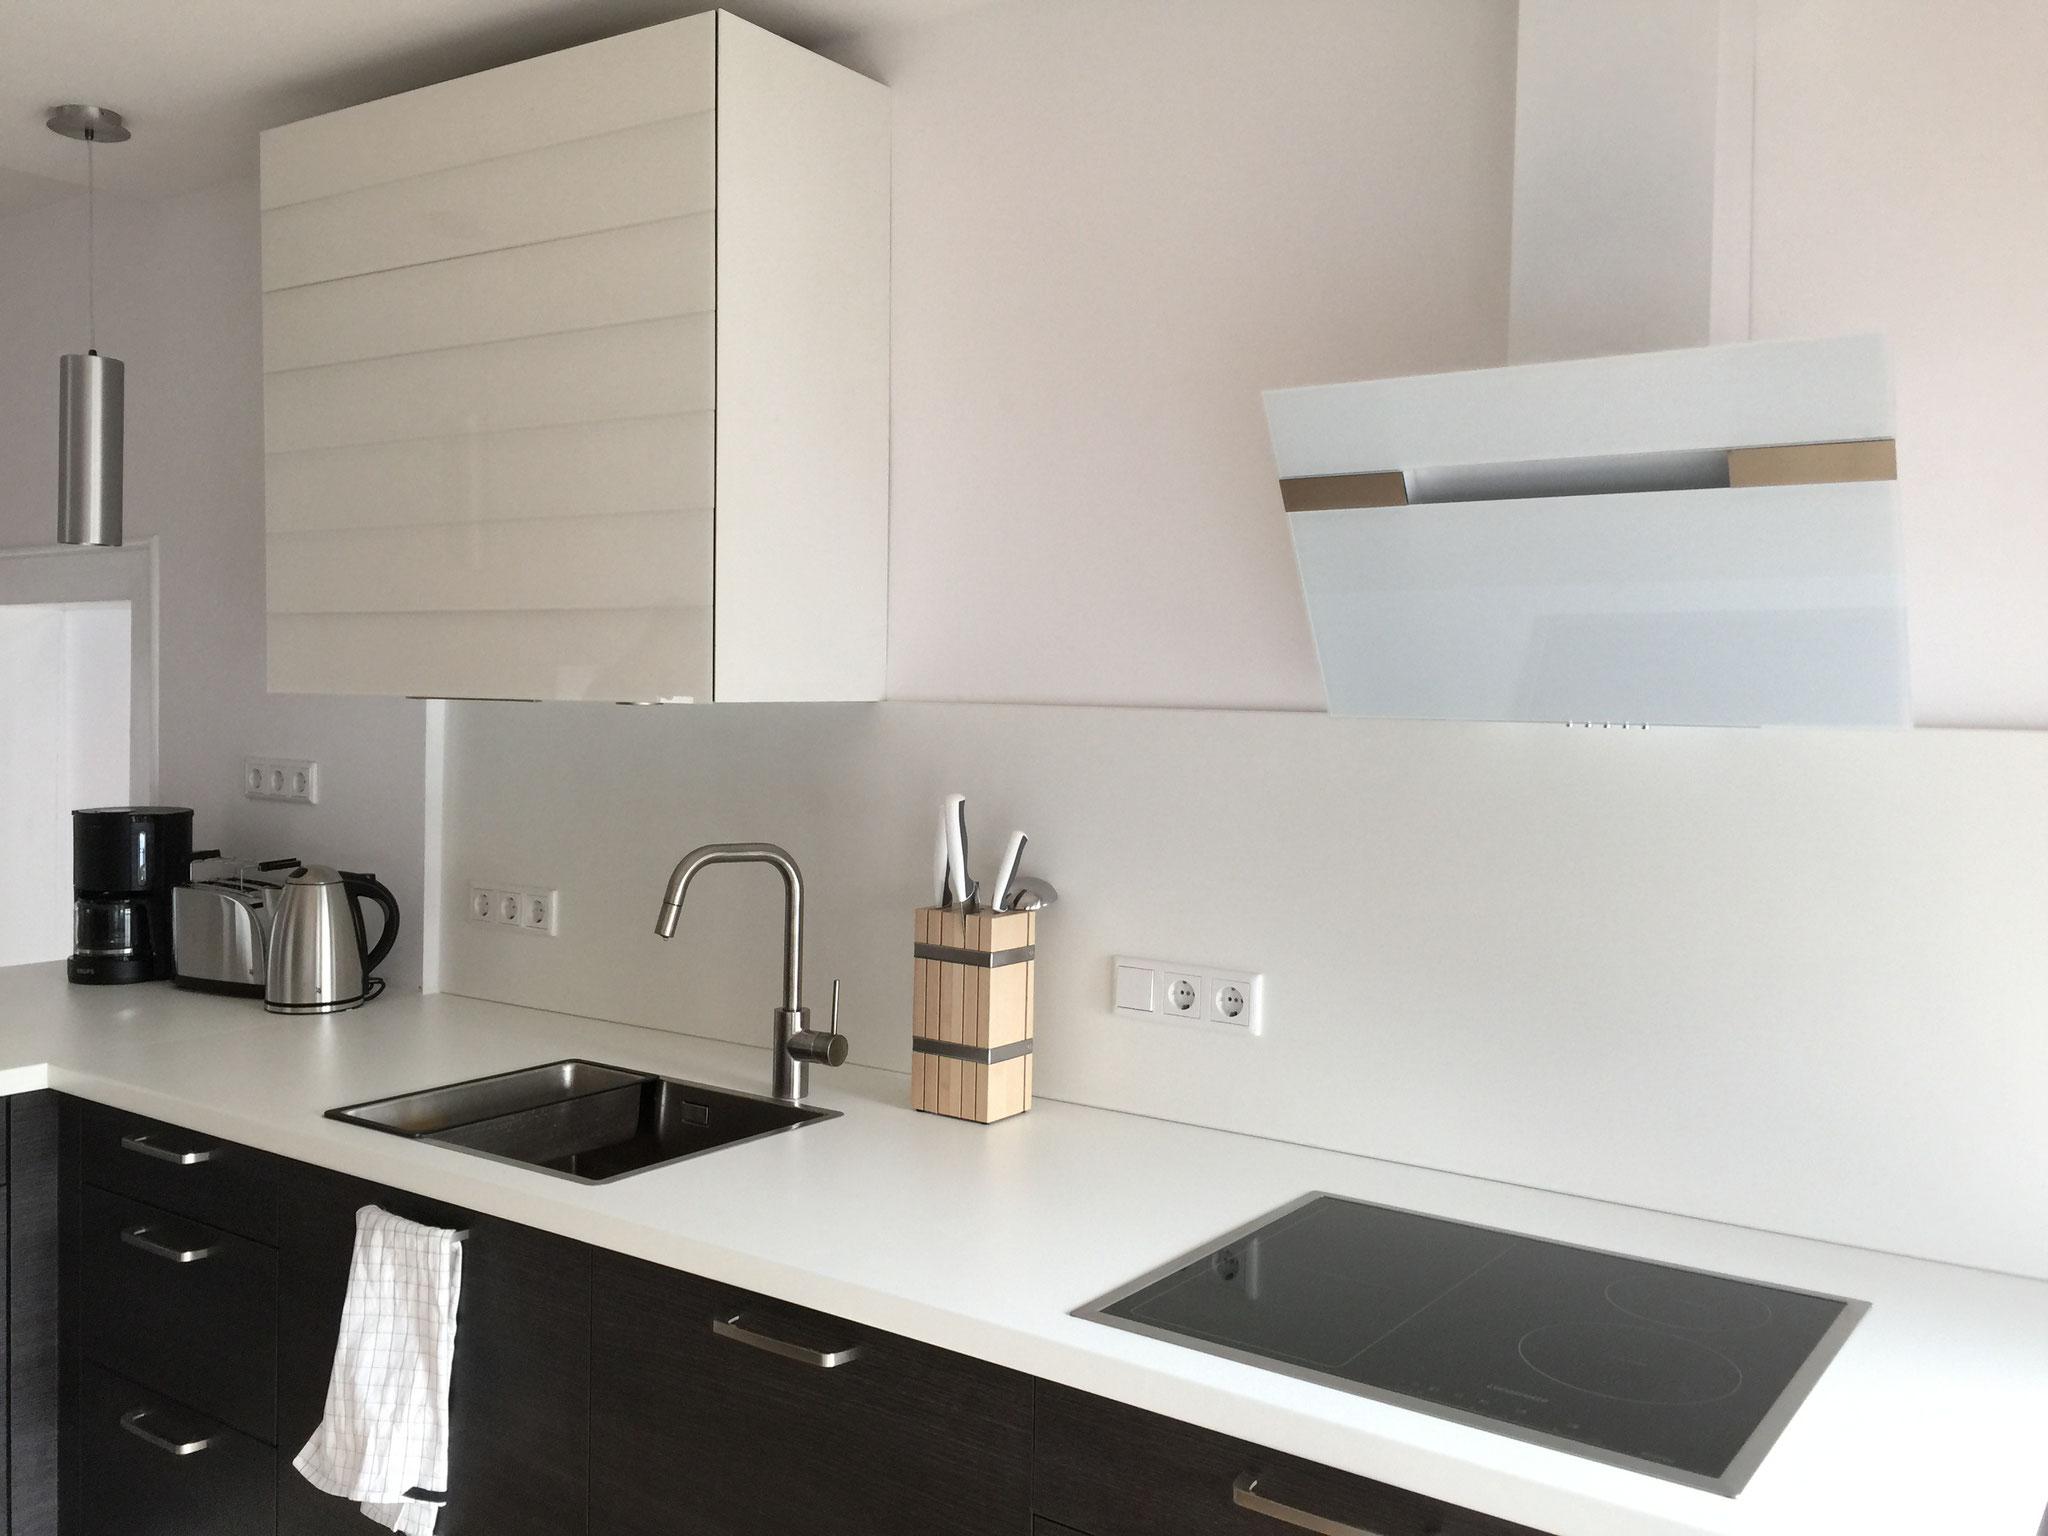 FeWo: Spüle und Induktionsfeld in der offenen Küche